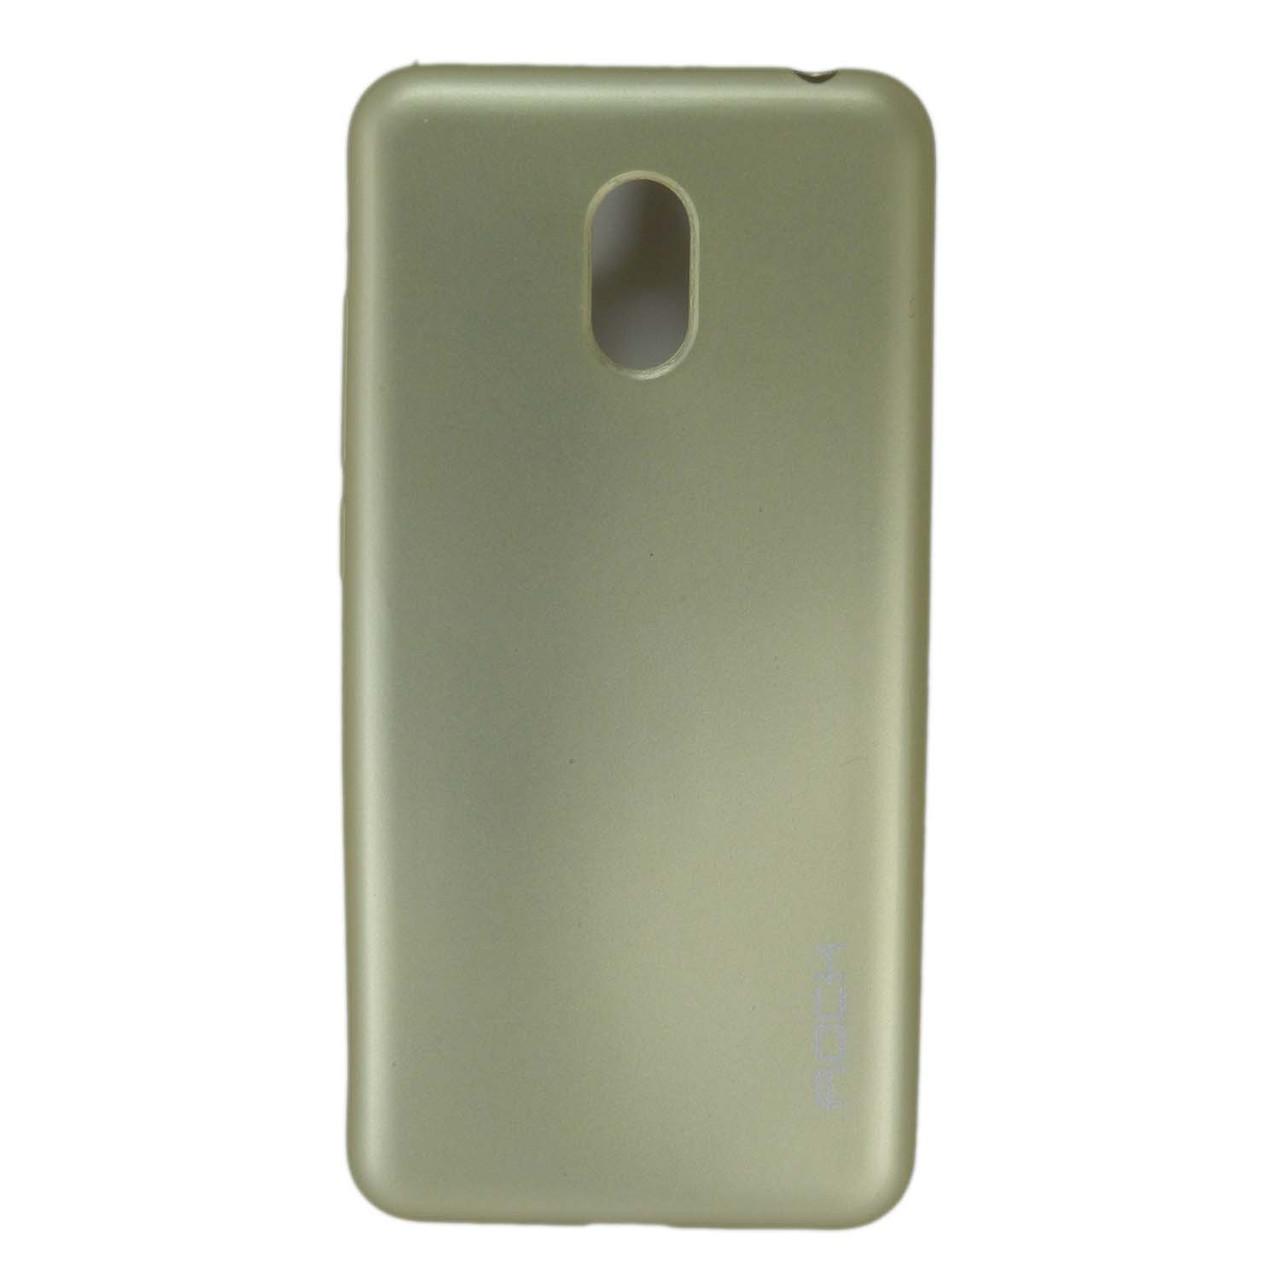 Чехол накладка для Meizu M6 силиконовый матовый, ROCK, золотистый